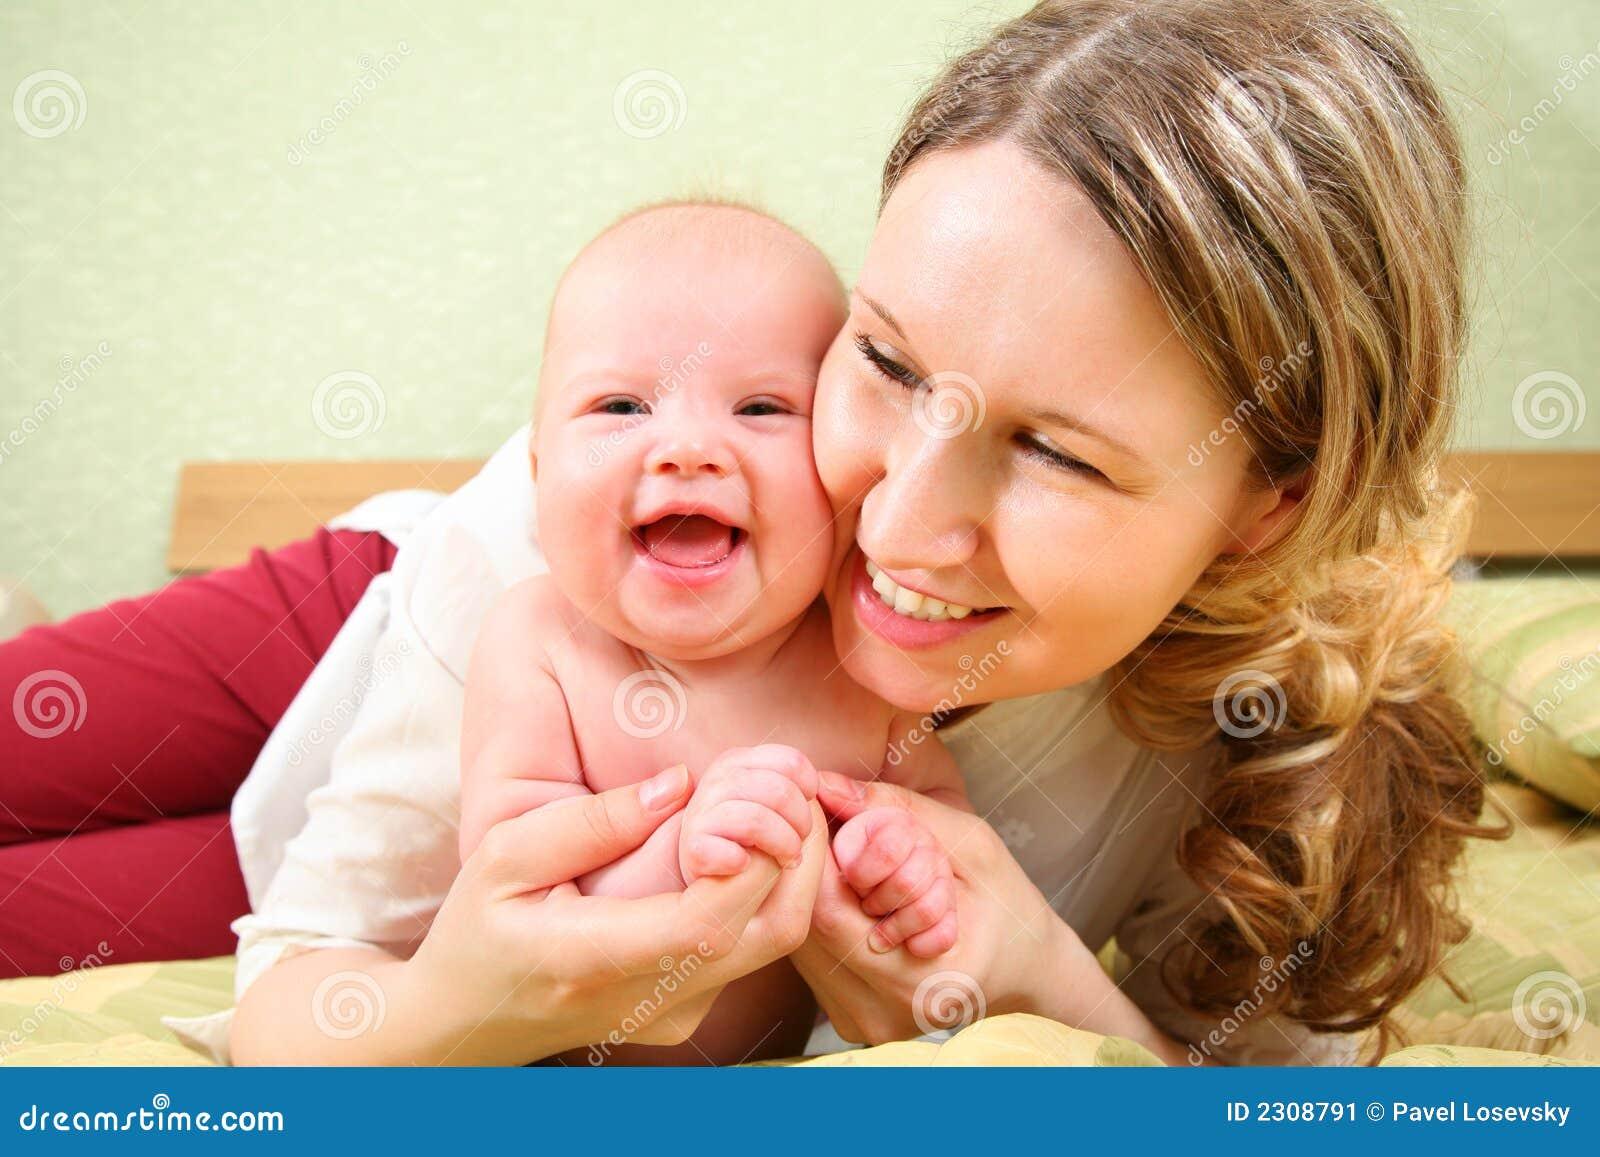 Смотреть любовь матери к сыну 6 фотография